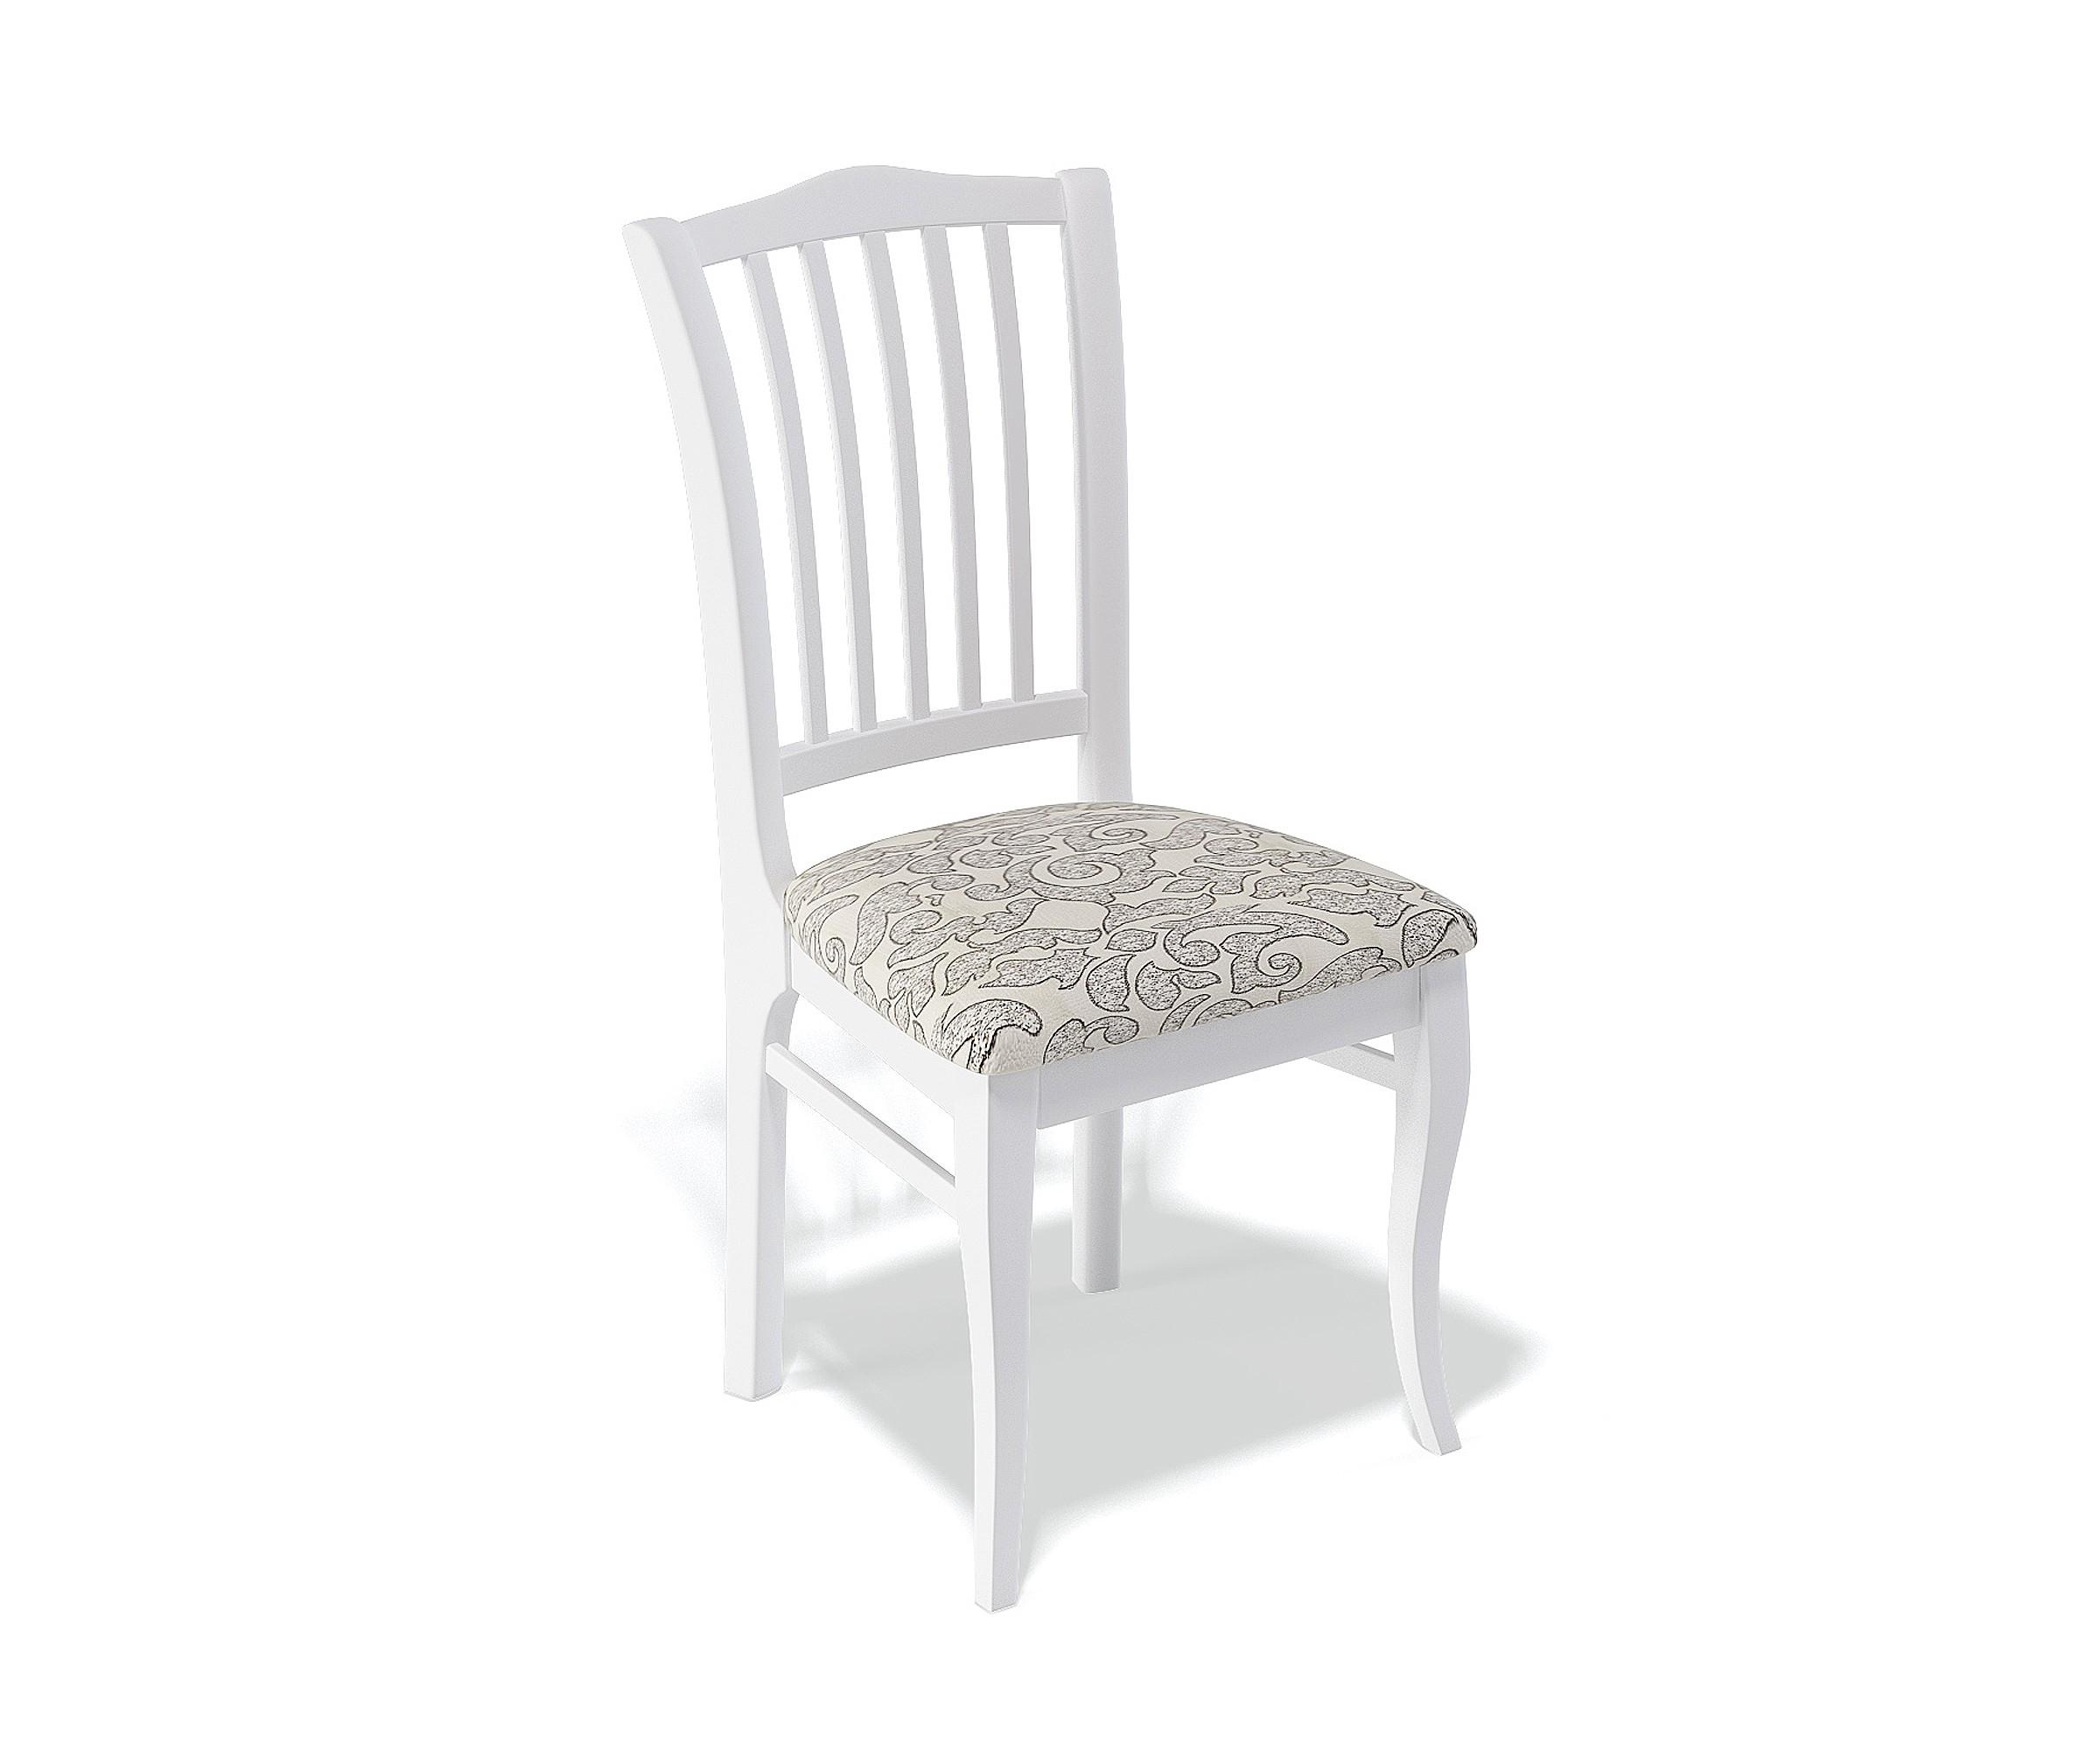 Стул KennerОбеденные стулья<br>Высота от пола до сиденья 46 см.<br><br>Material: Бук<br>Ширина см: 45.0<br>Высота см: 91.0<br>Глубина см: 41.0